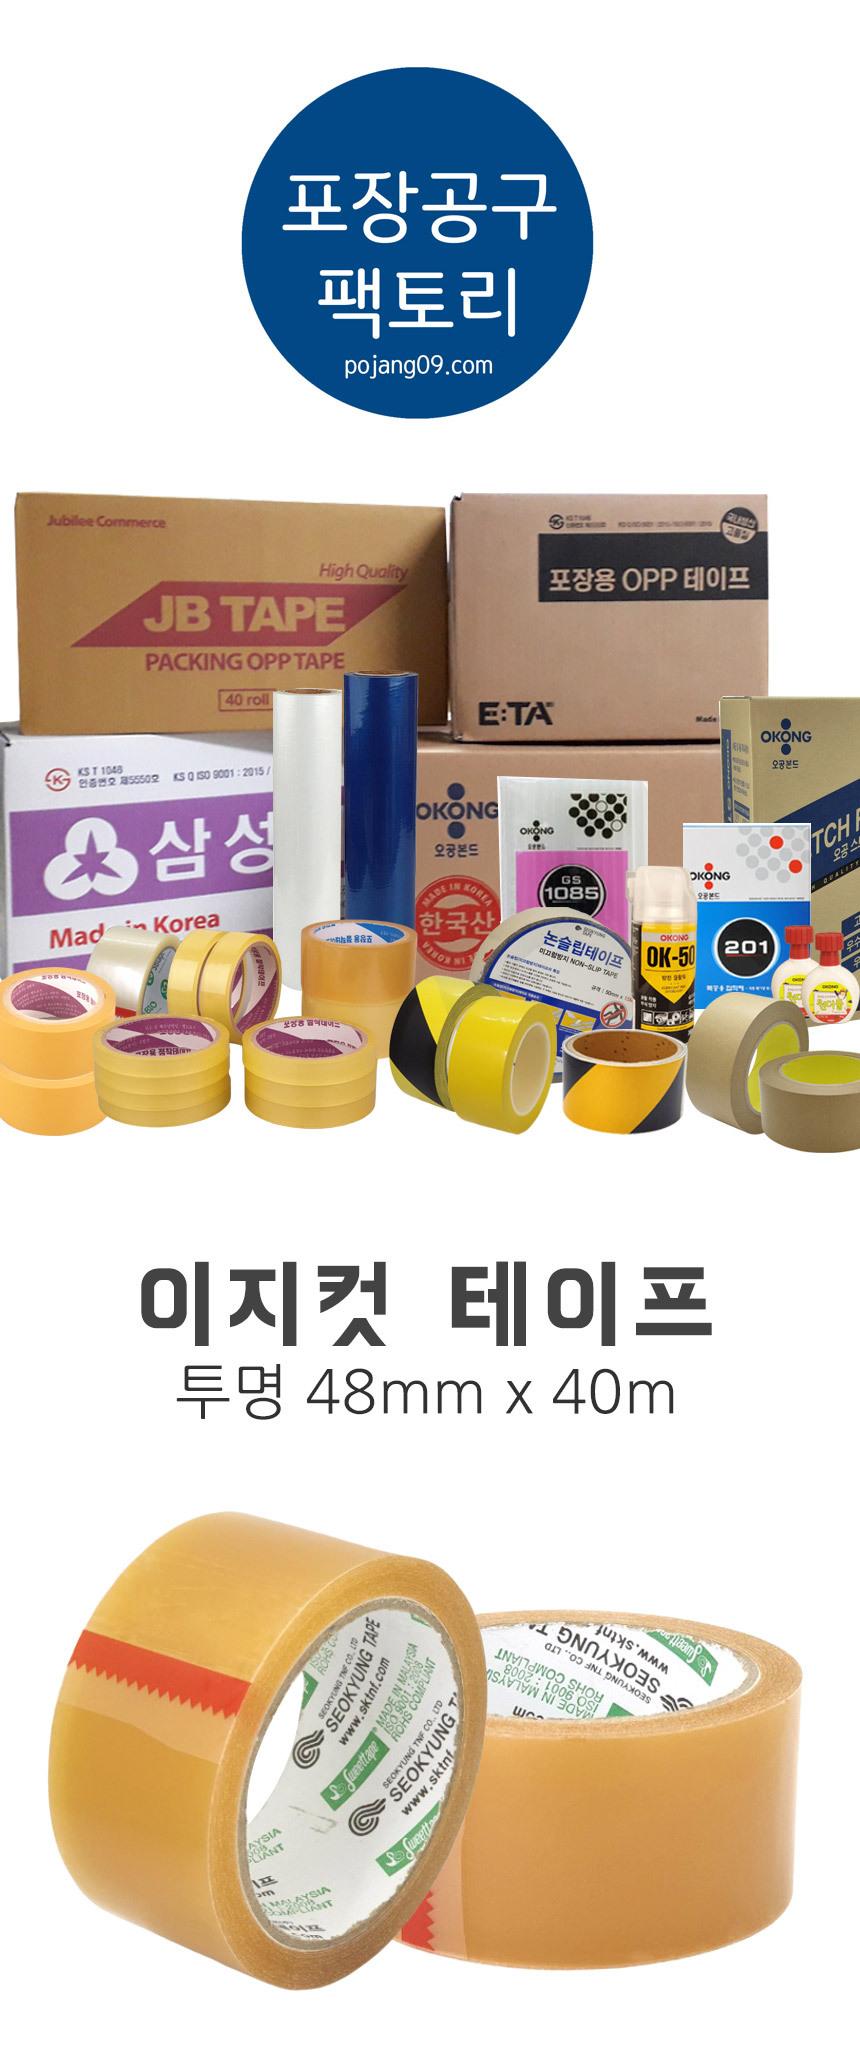 투명 택배 박스테이프 손으로 쉽게 커팅 10개 - 쥬빌리라이프, 11,900원, 테이프, 포장/박스/청 테이프